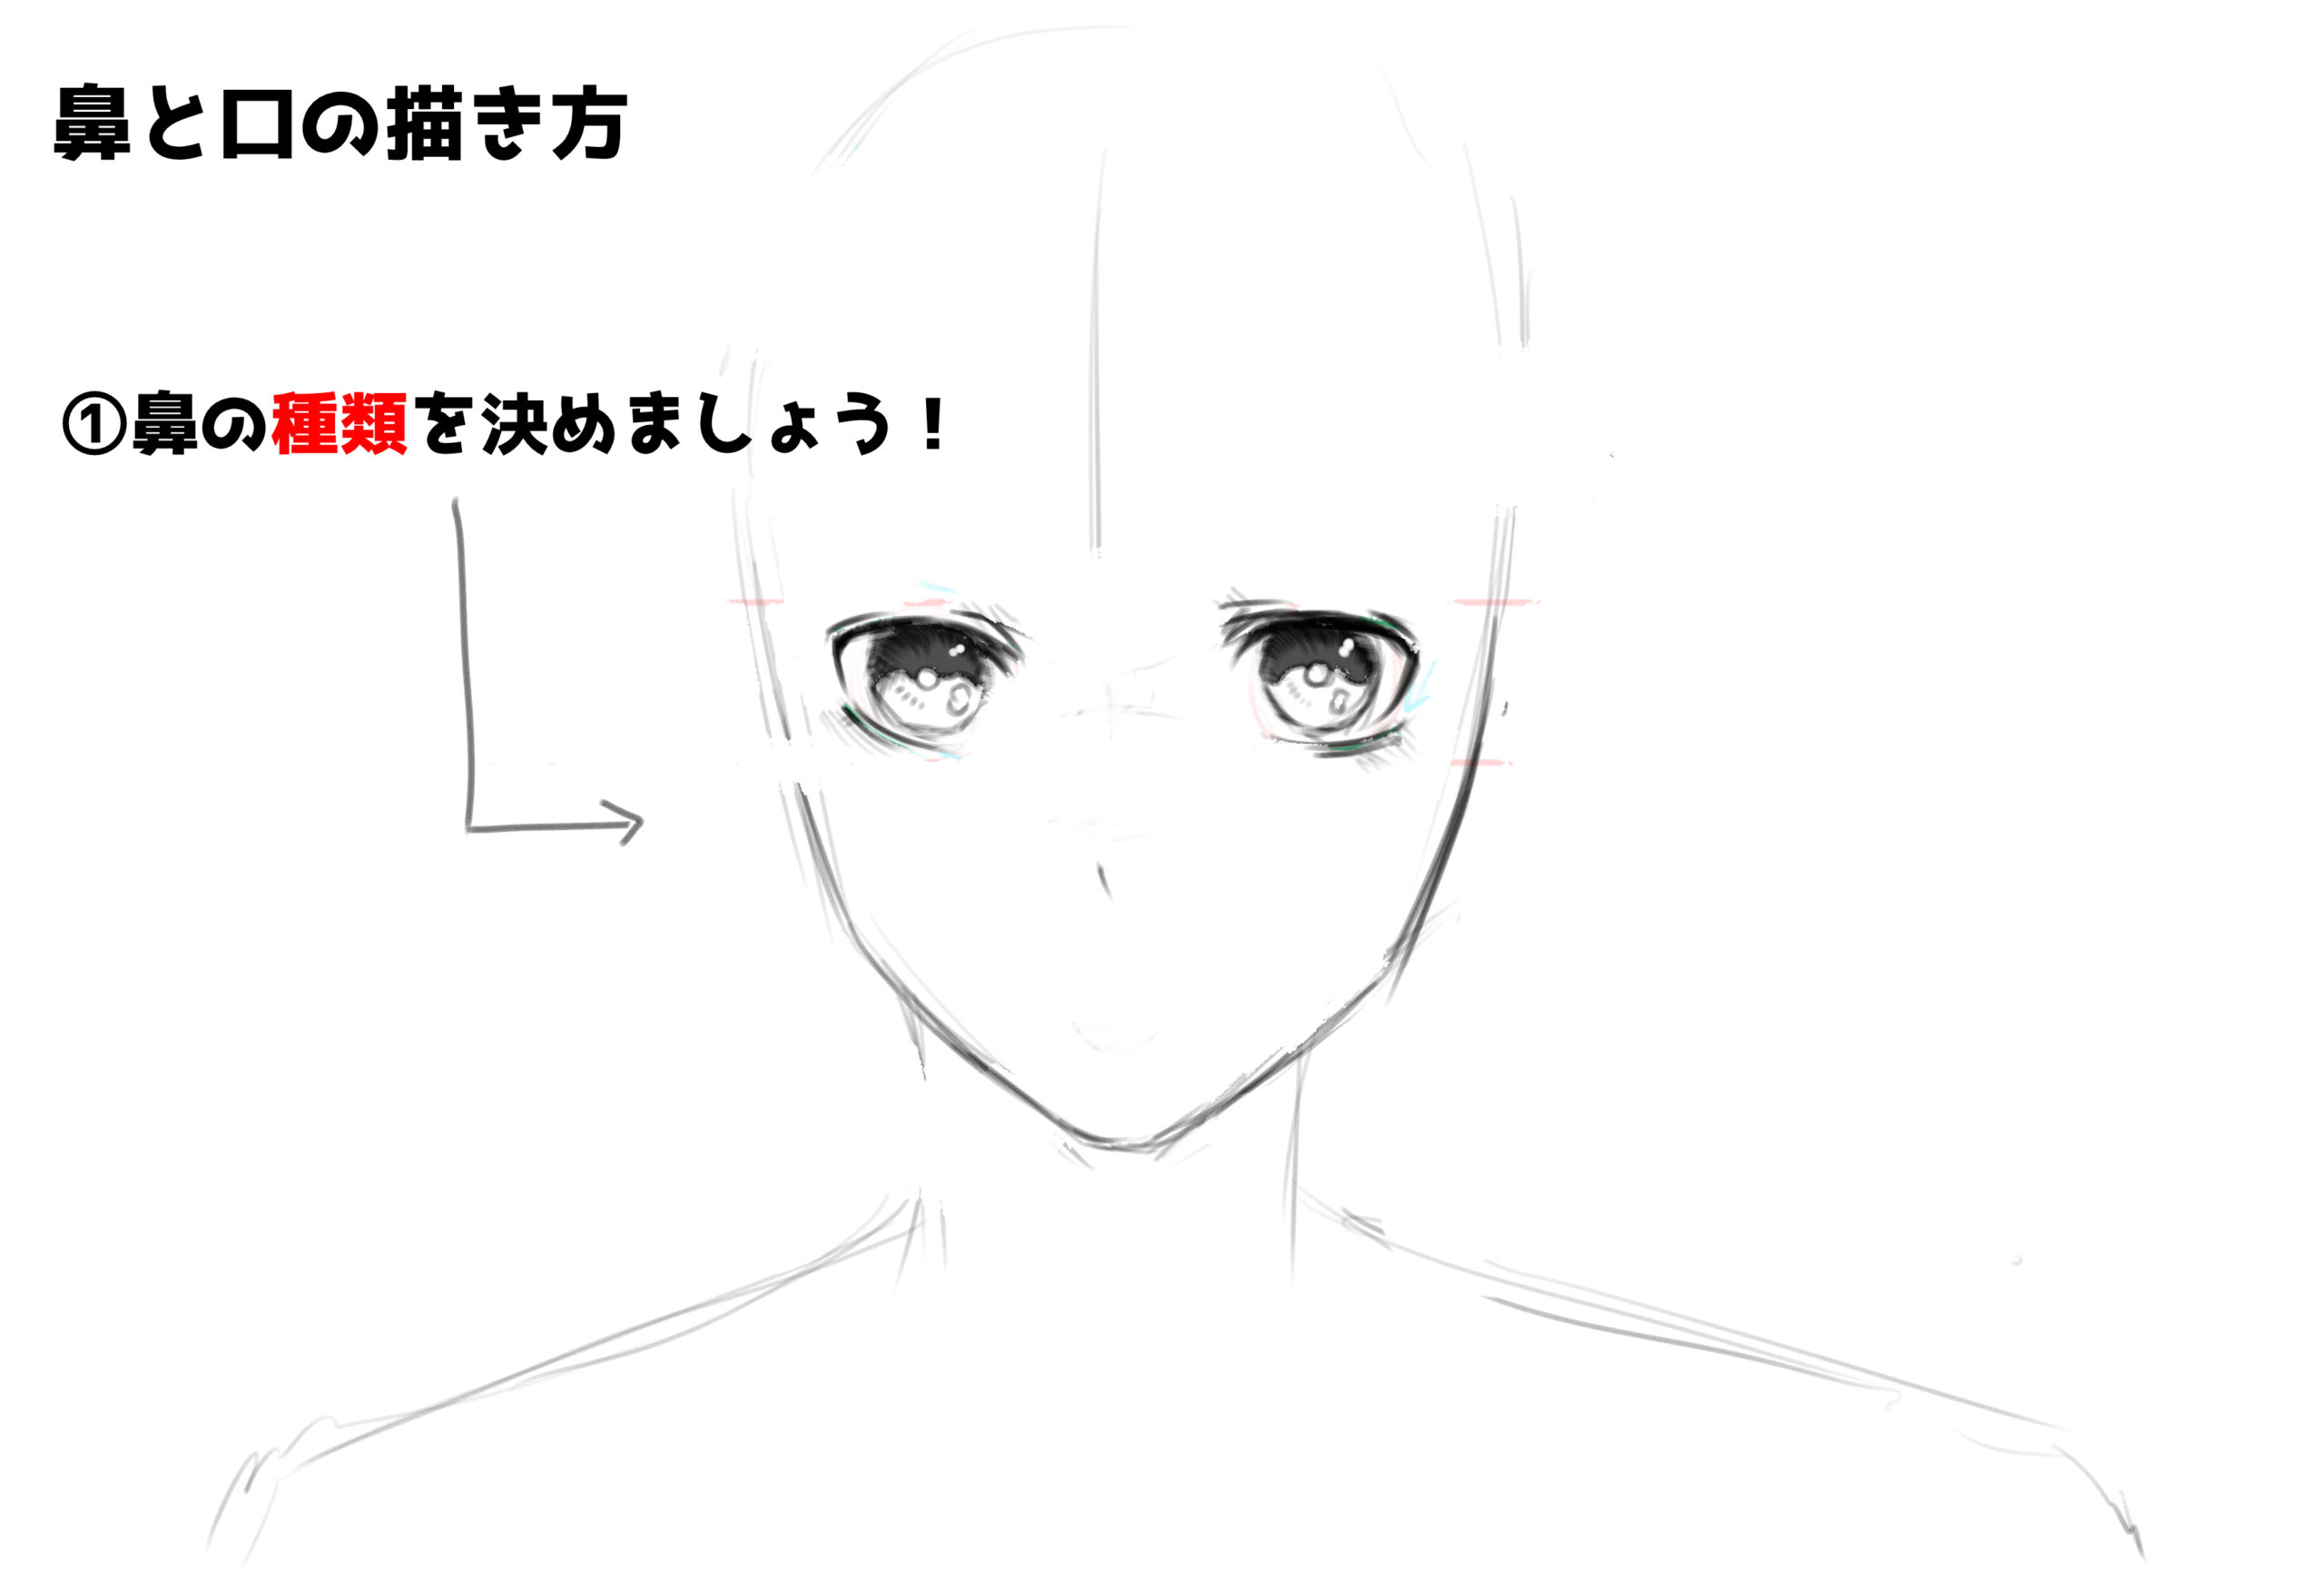 鼻の描き方①